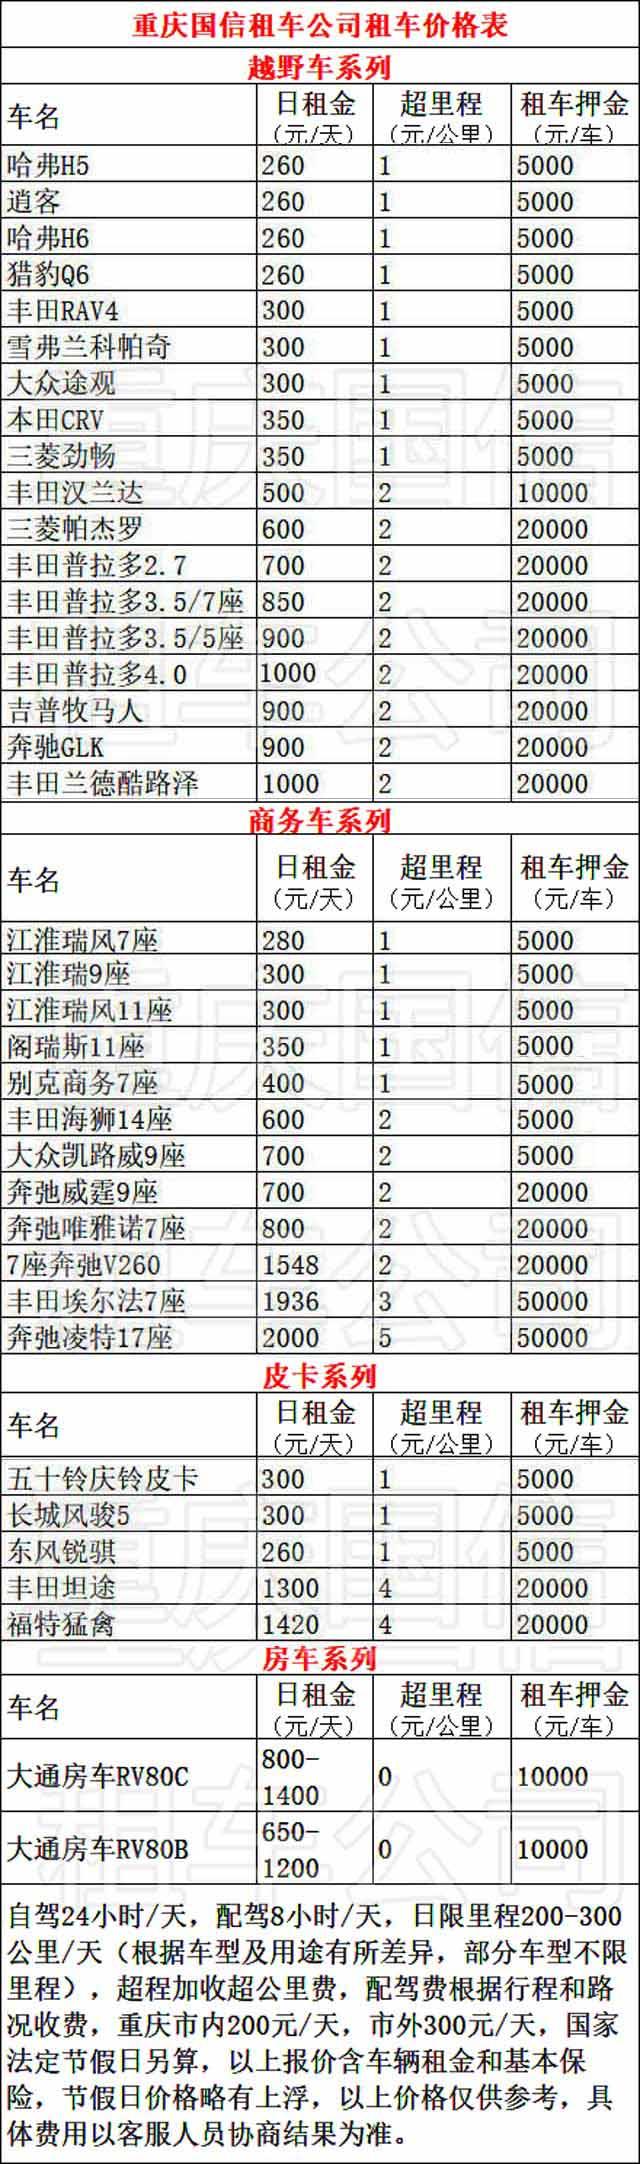 重庆租车去西藏价格表